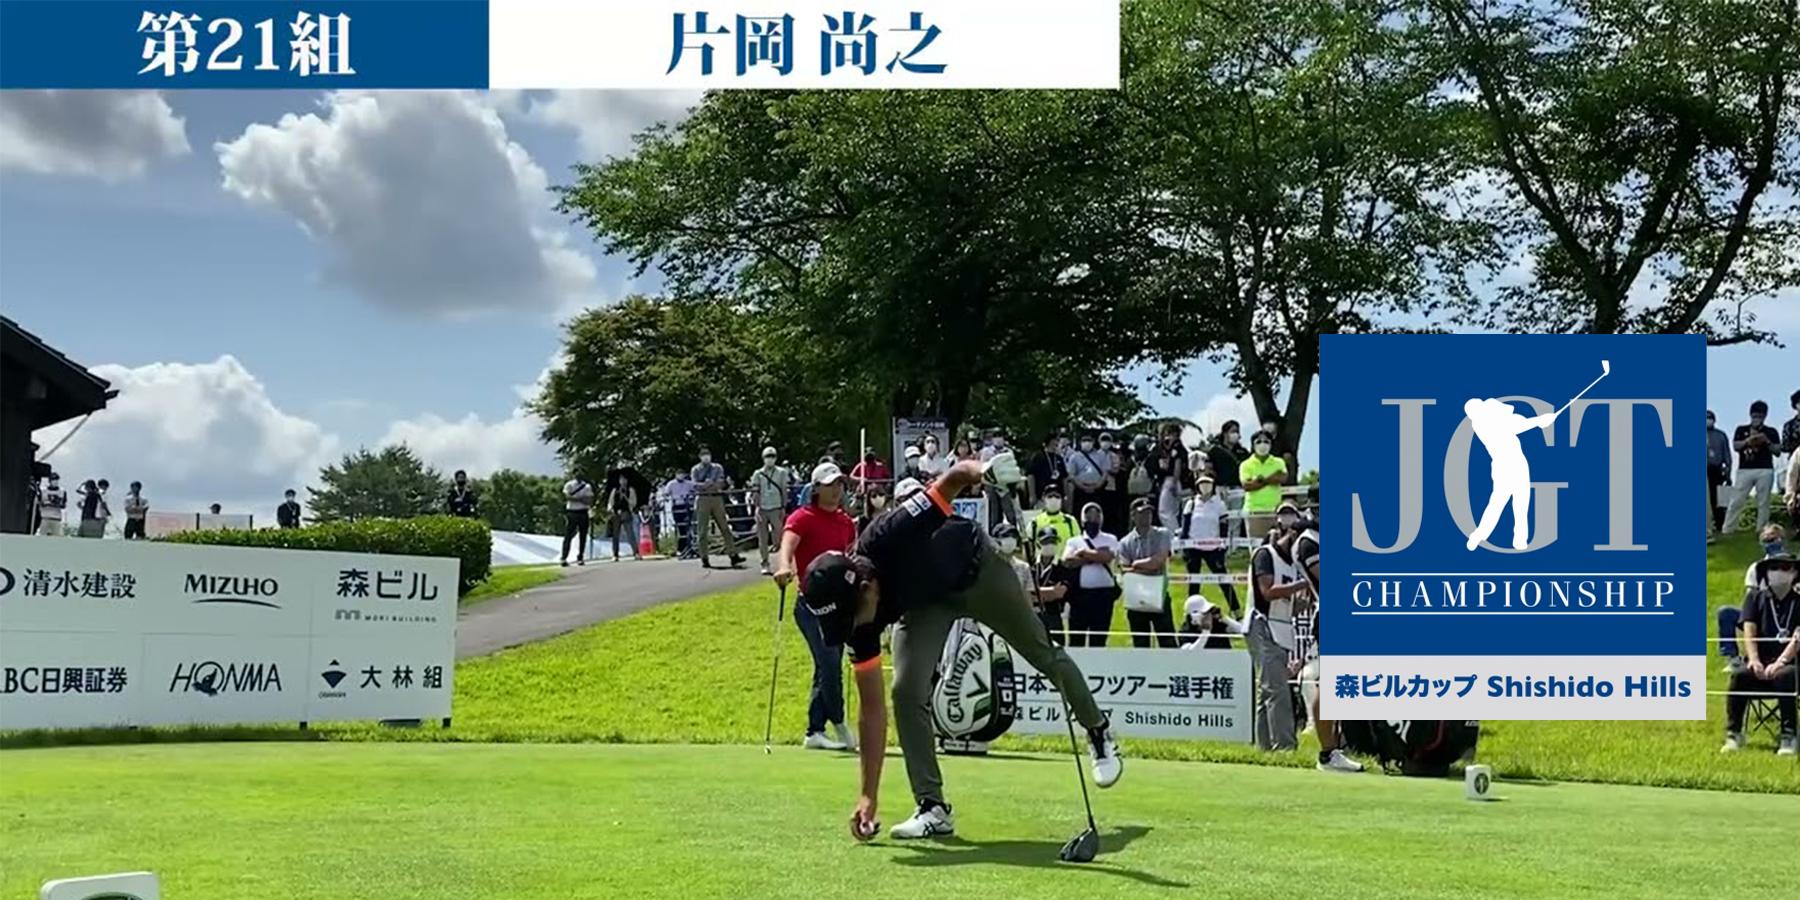 日本ゴルフツアー選手権 森ビルカップ